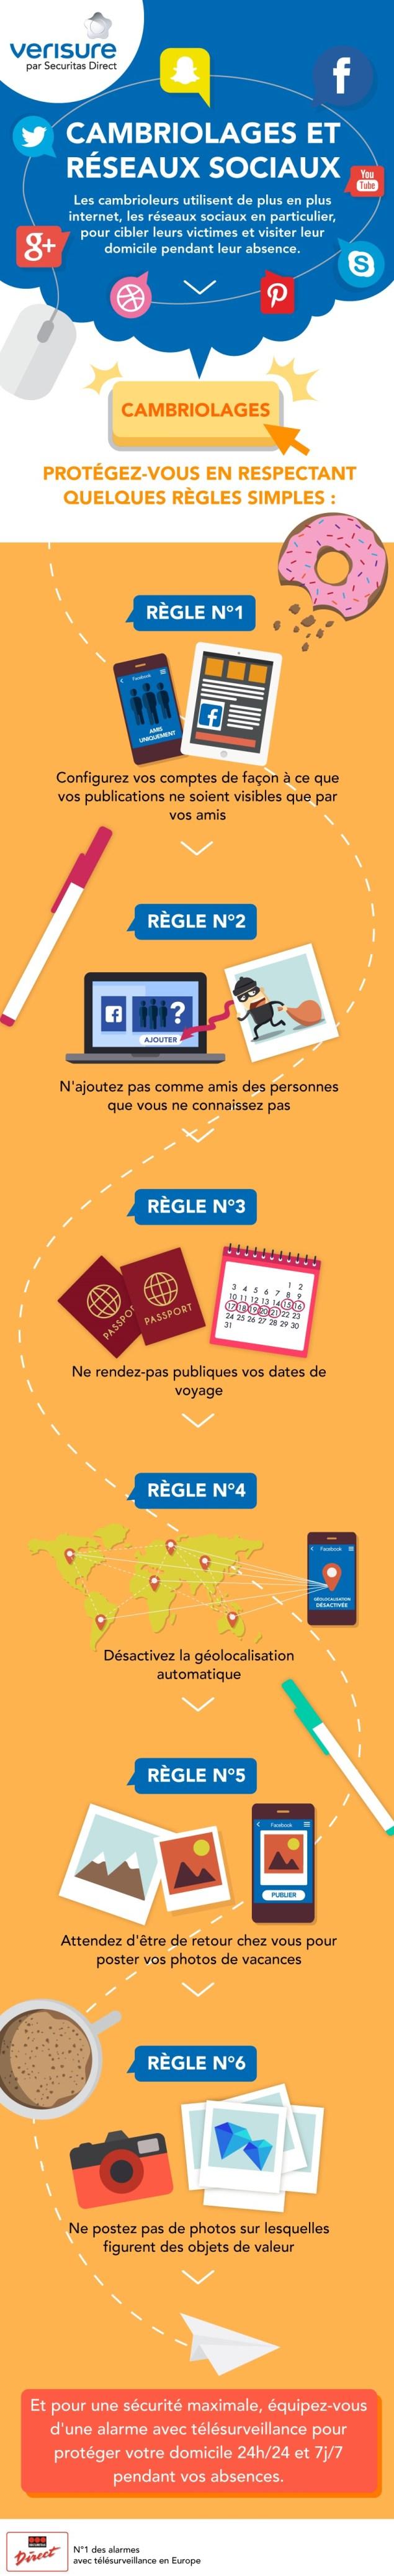 infographie cambriolages réseaux sociaux